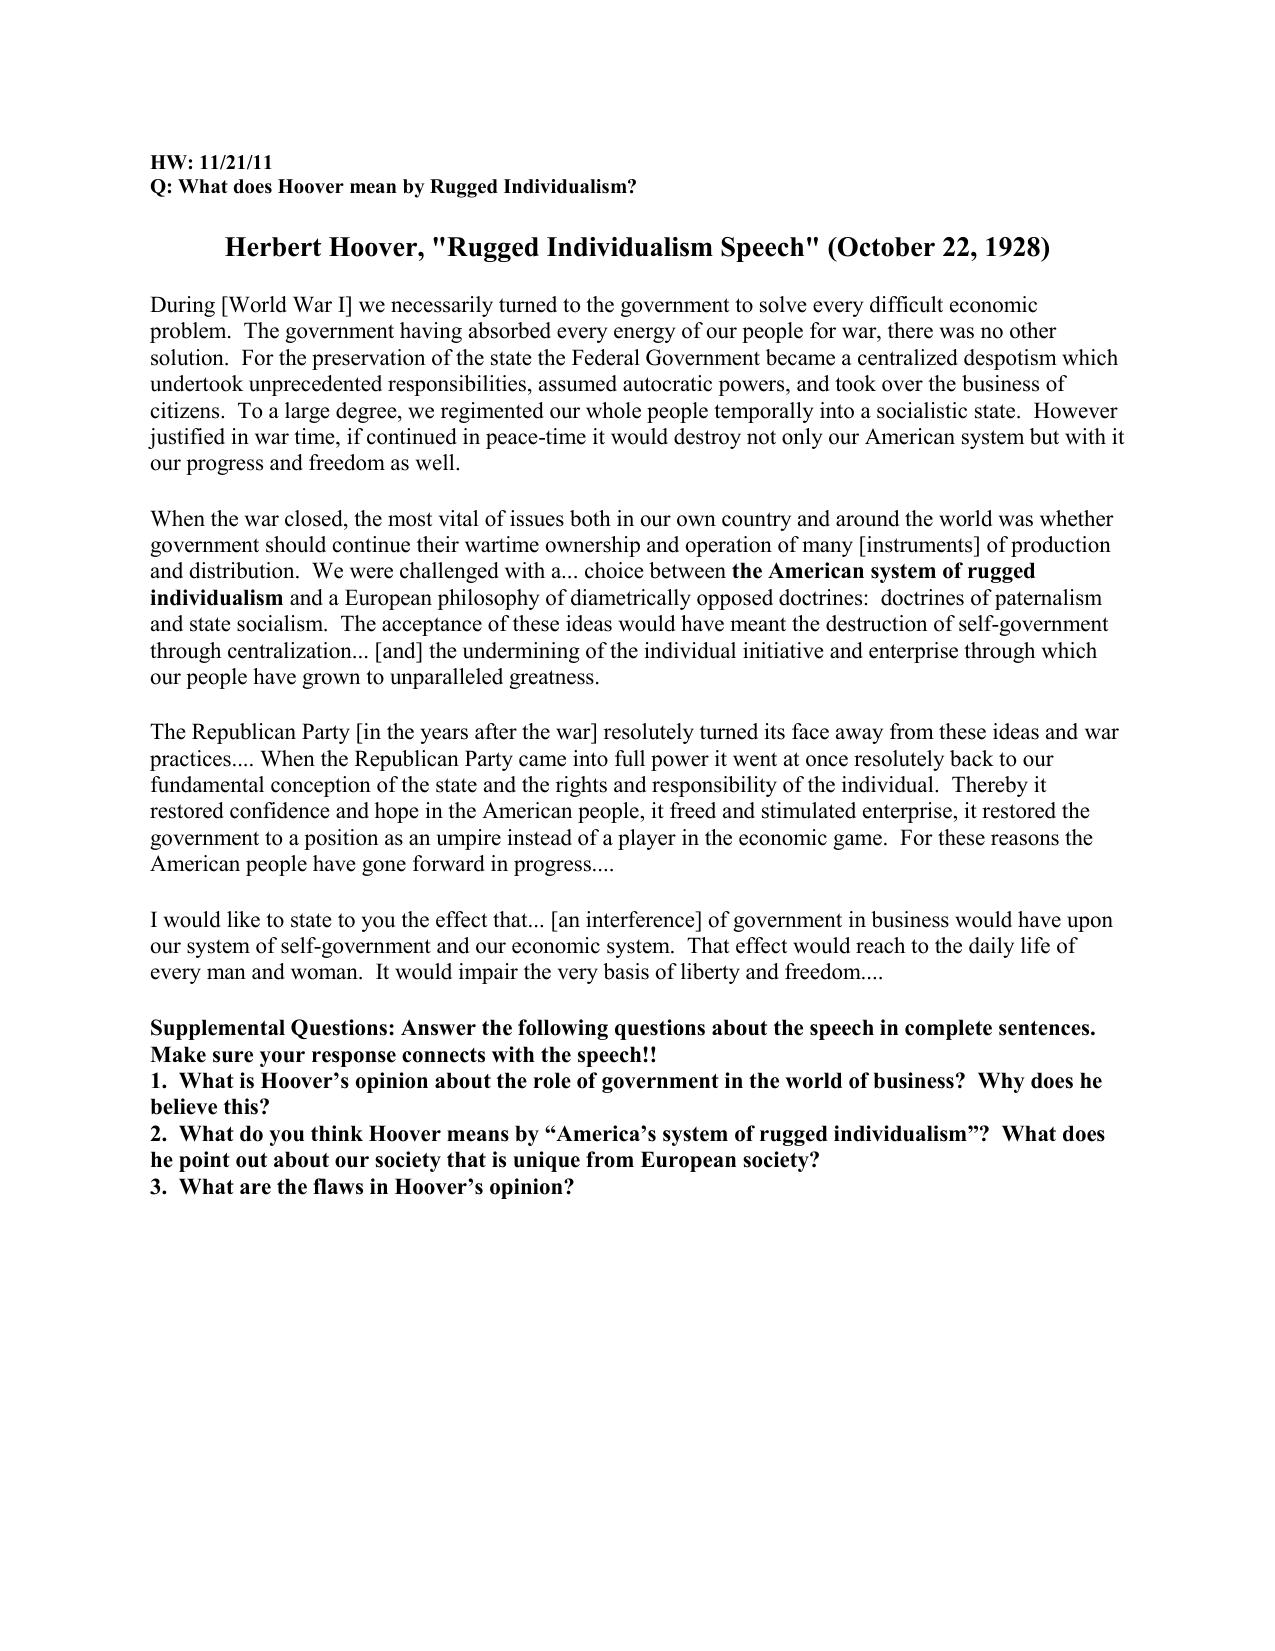 Herbert Hoover Rugged Individualism Sch October 22 1928